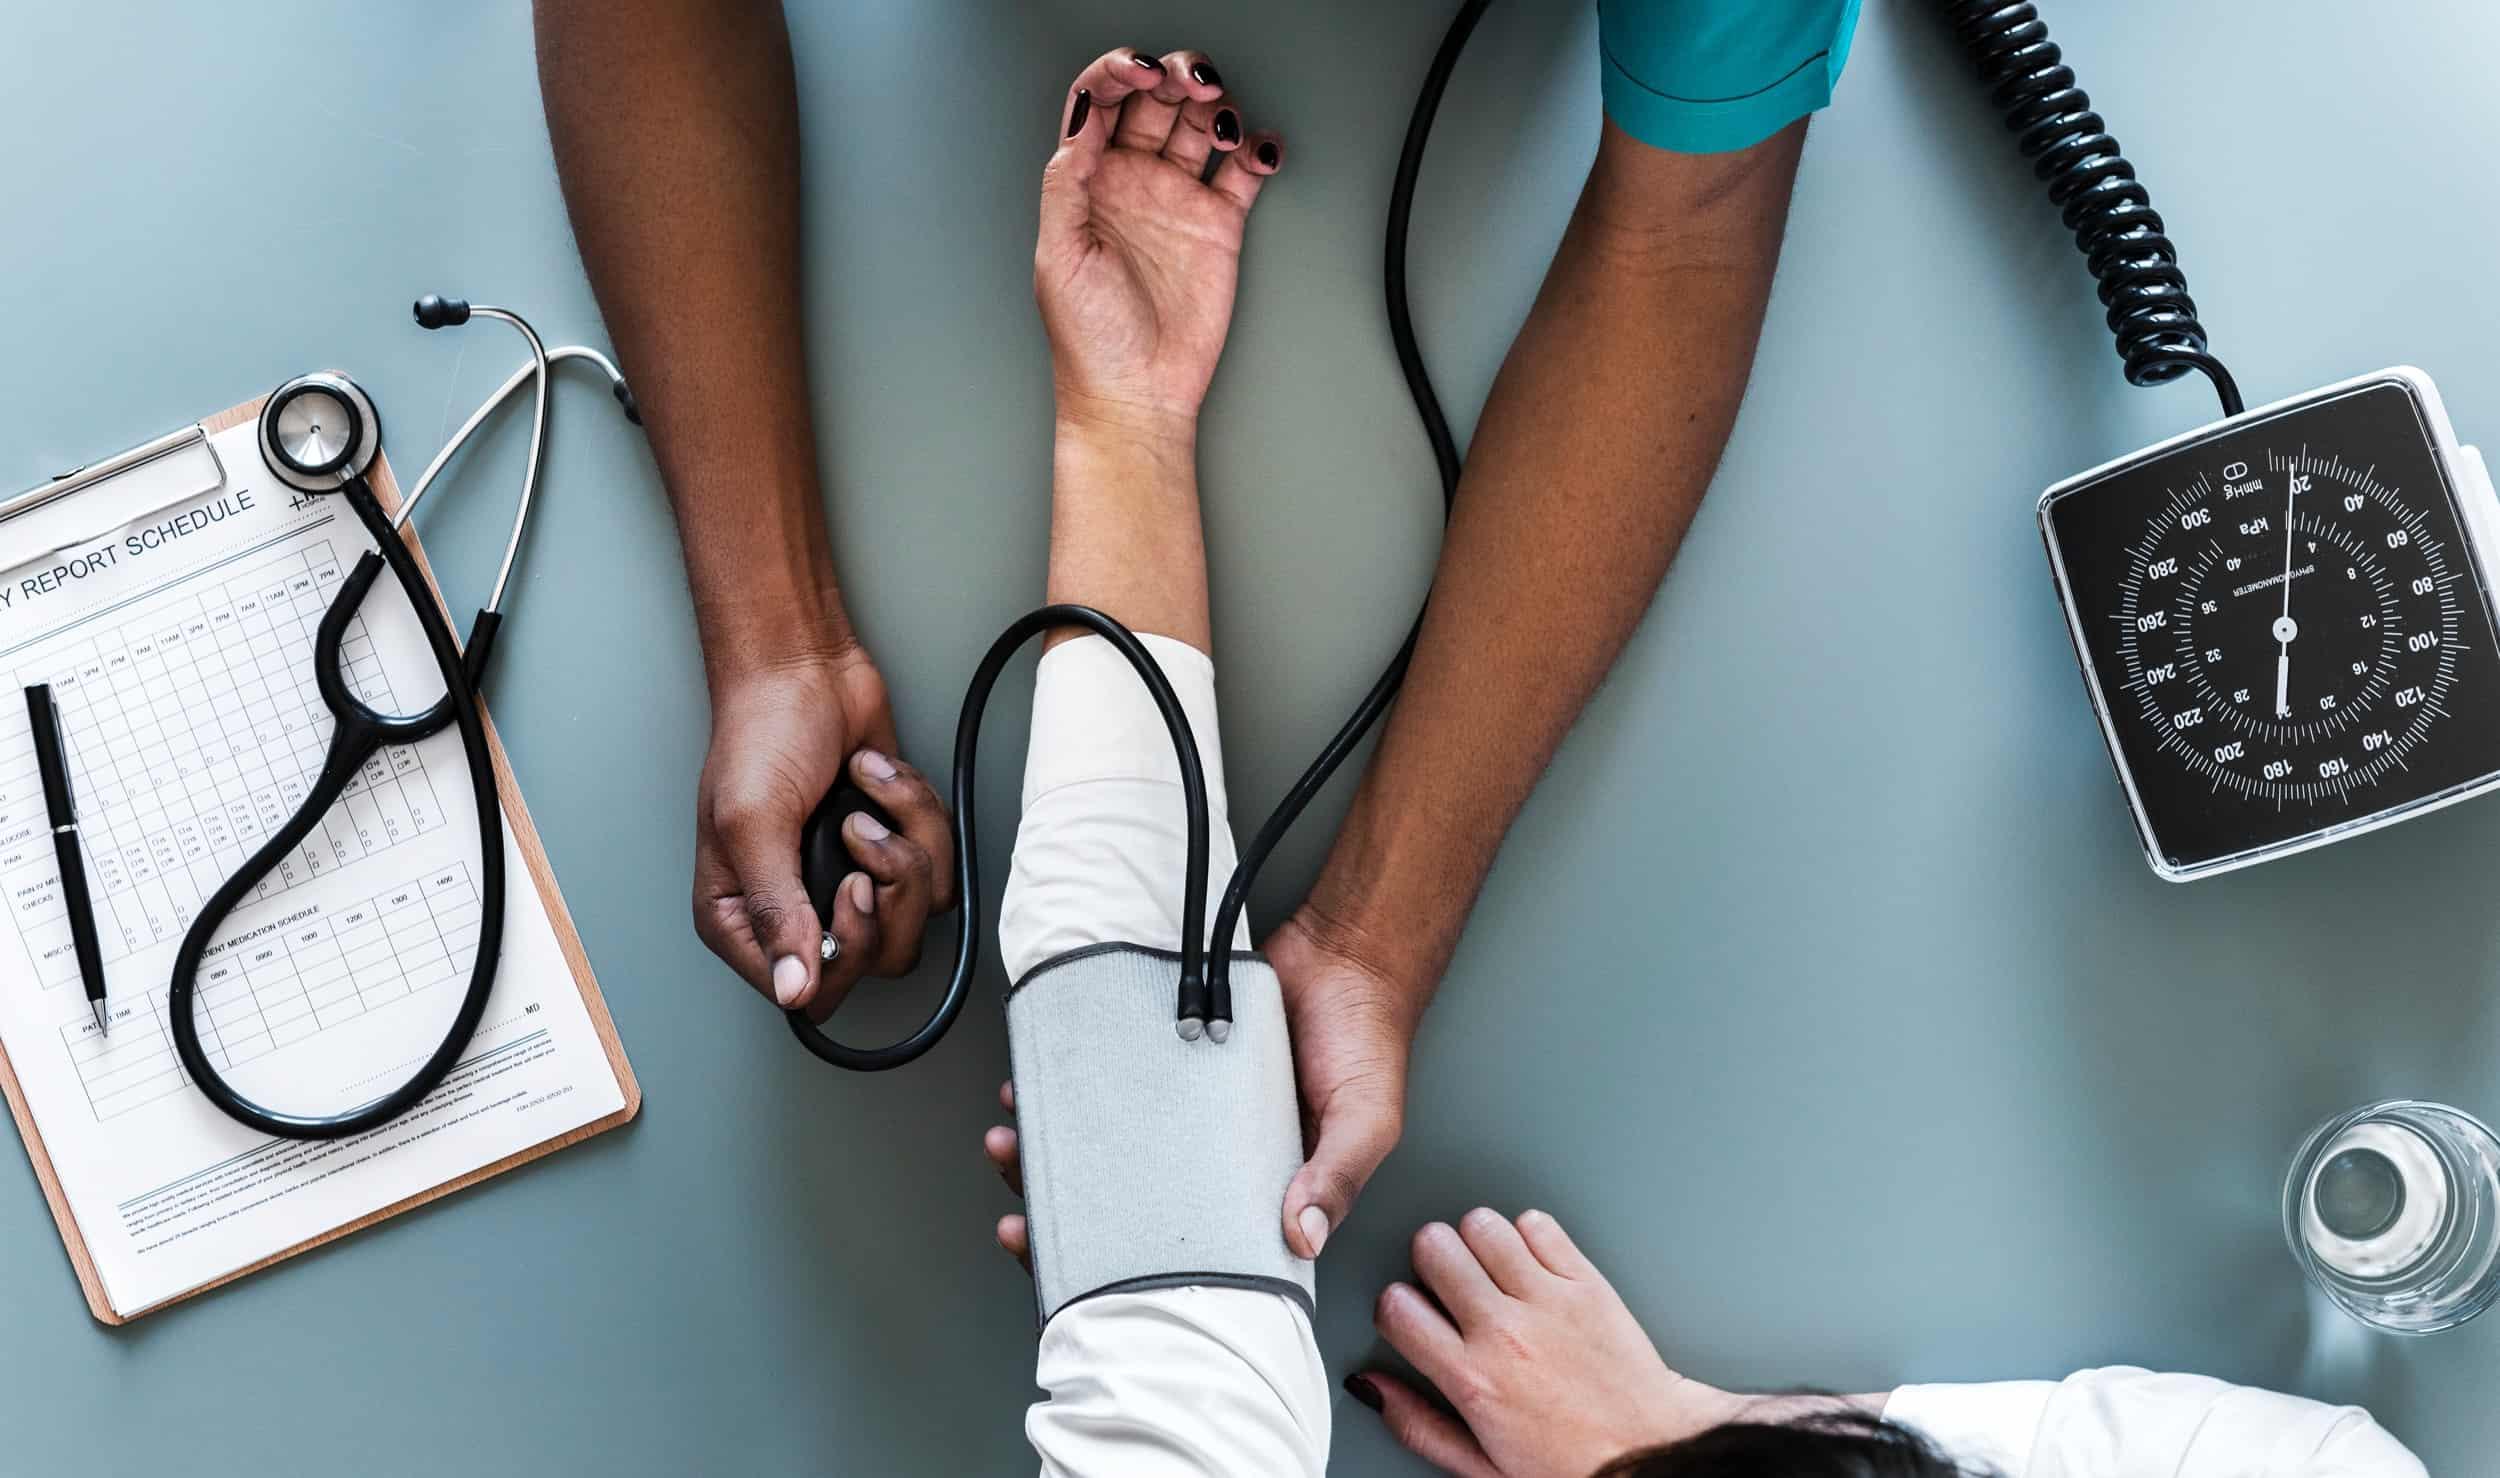 Blutdruckmessgerät: Test & Empfehlungen (04/21)